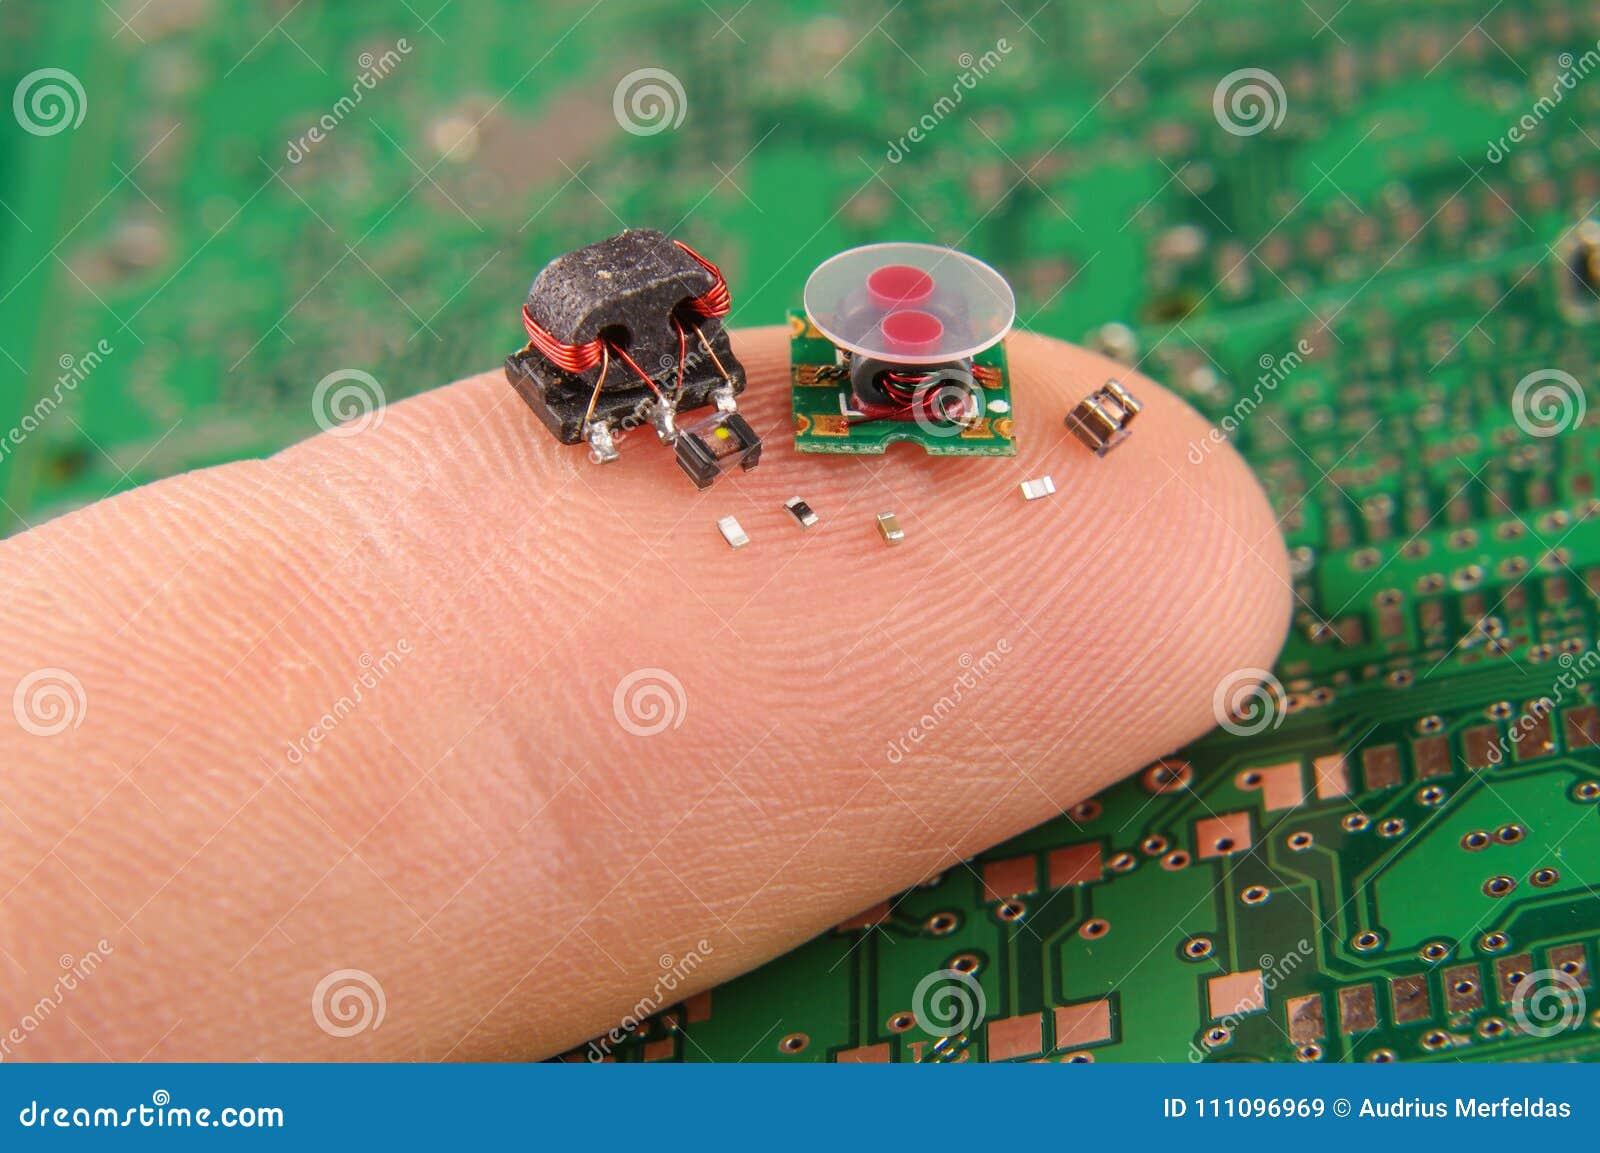 Componentes pequenos da eletrônica no dedo humano